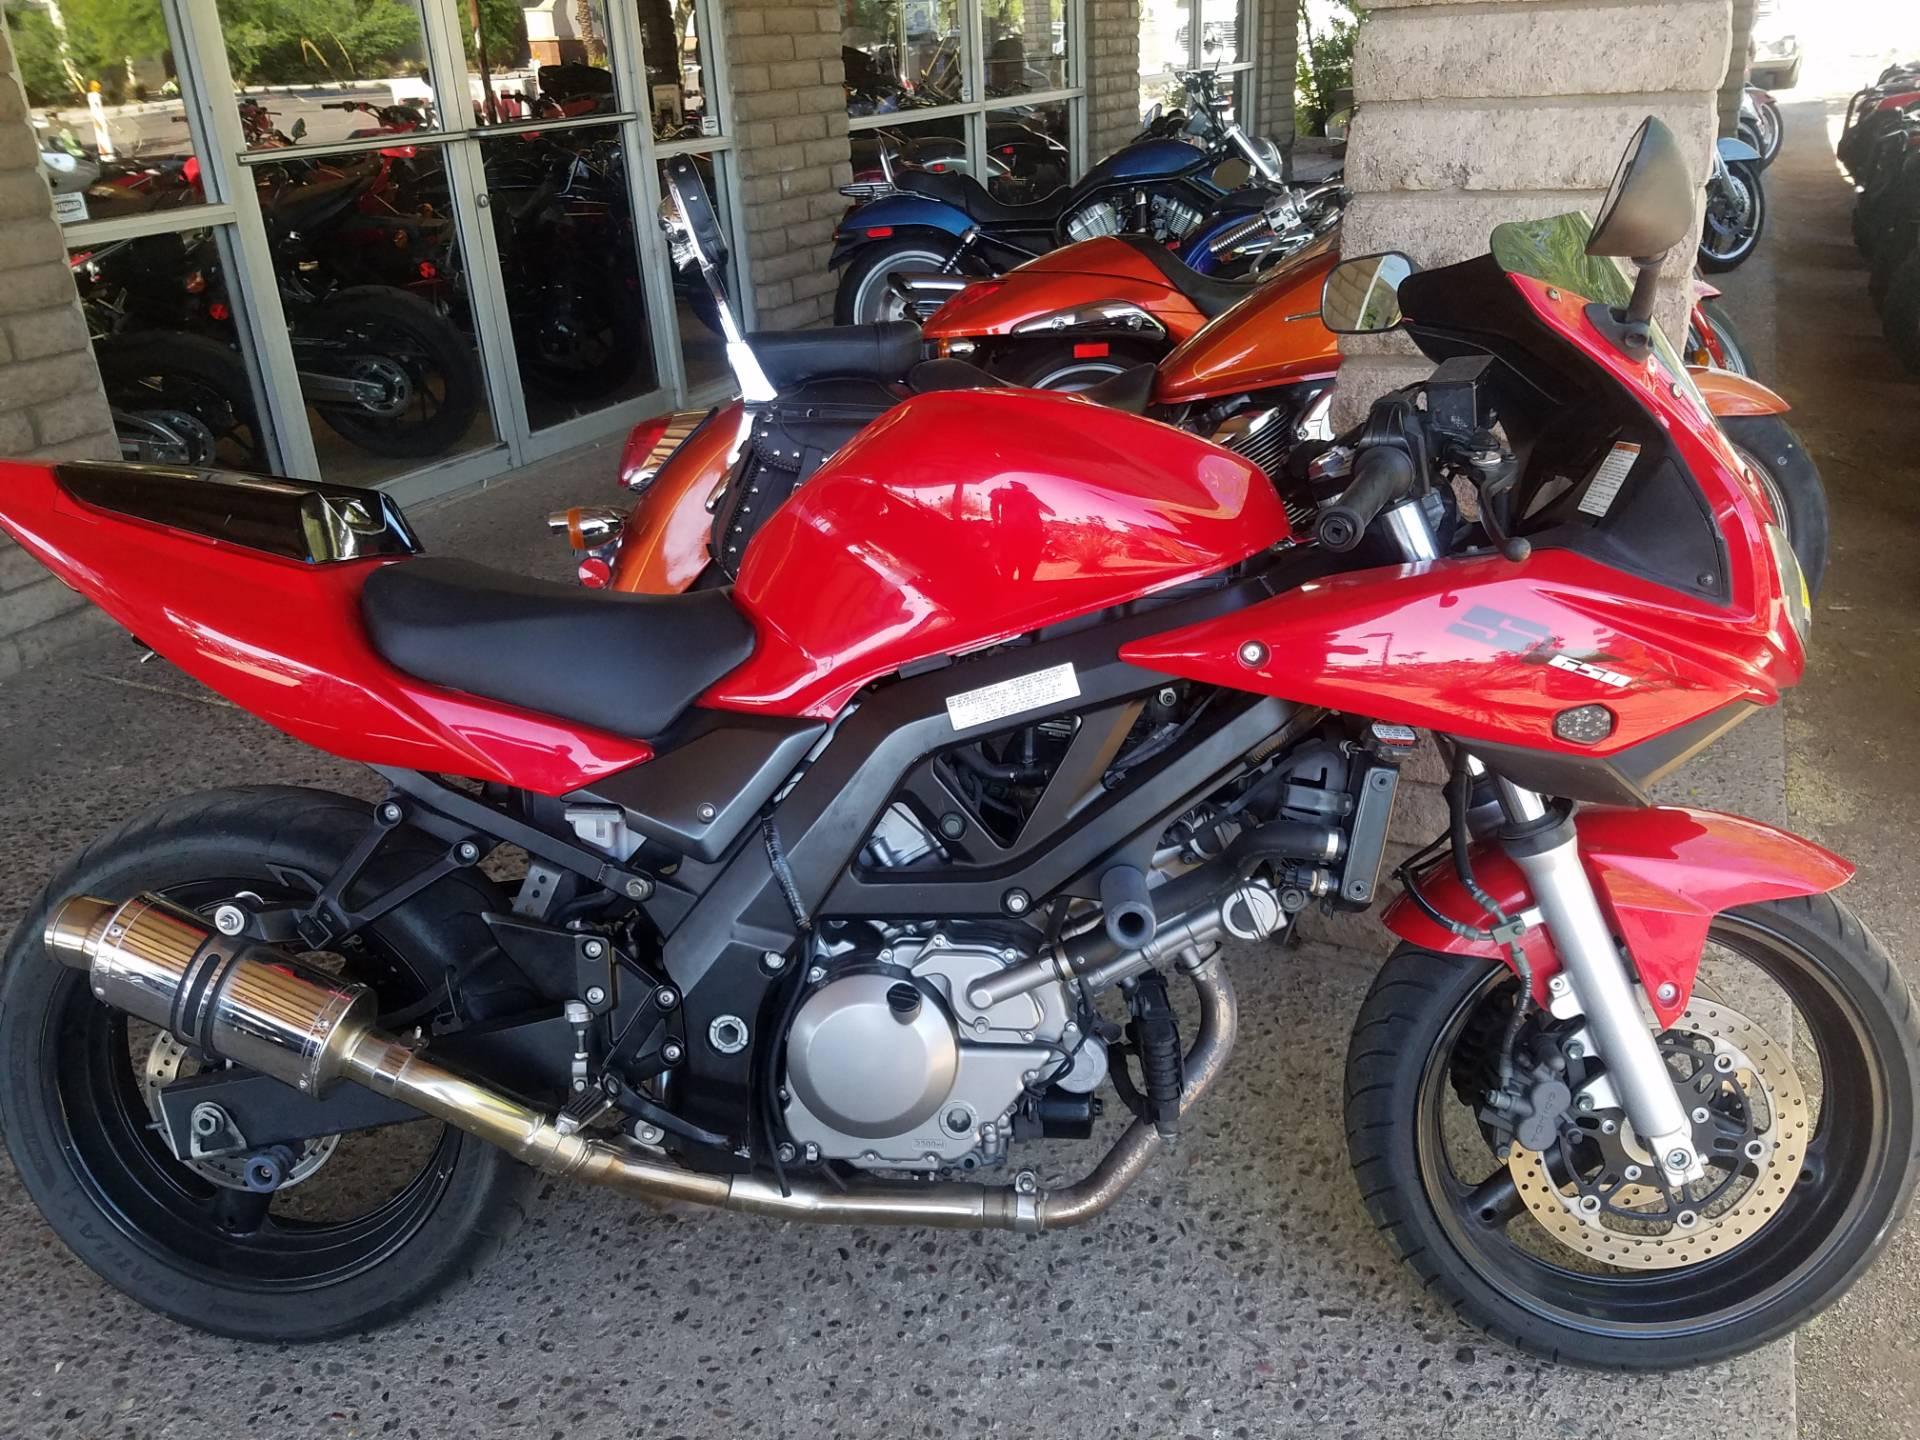 2006 Suzuki SV650 for sale 11684